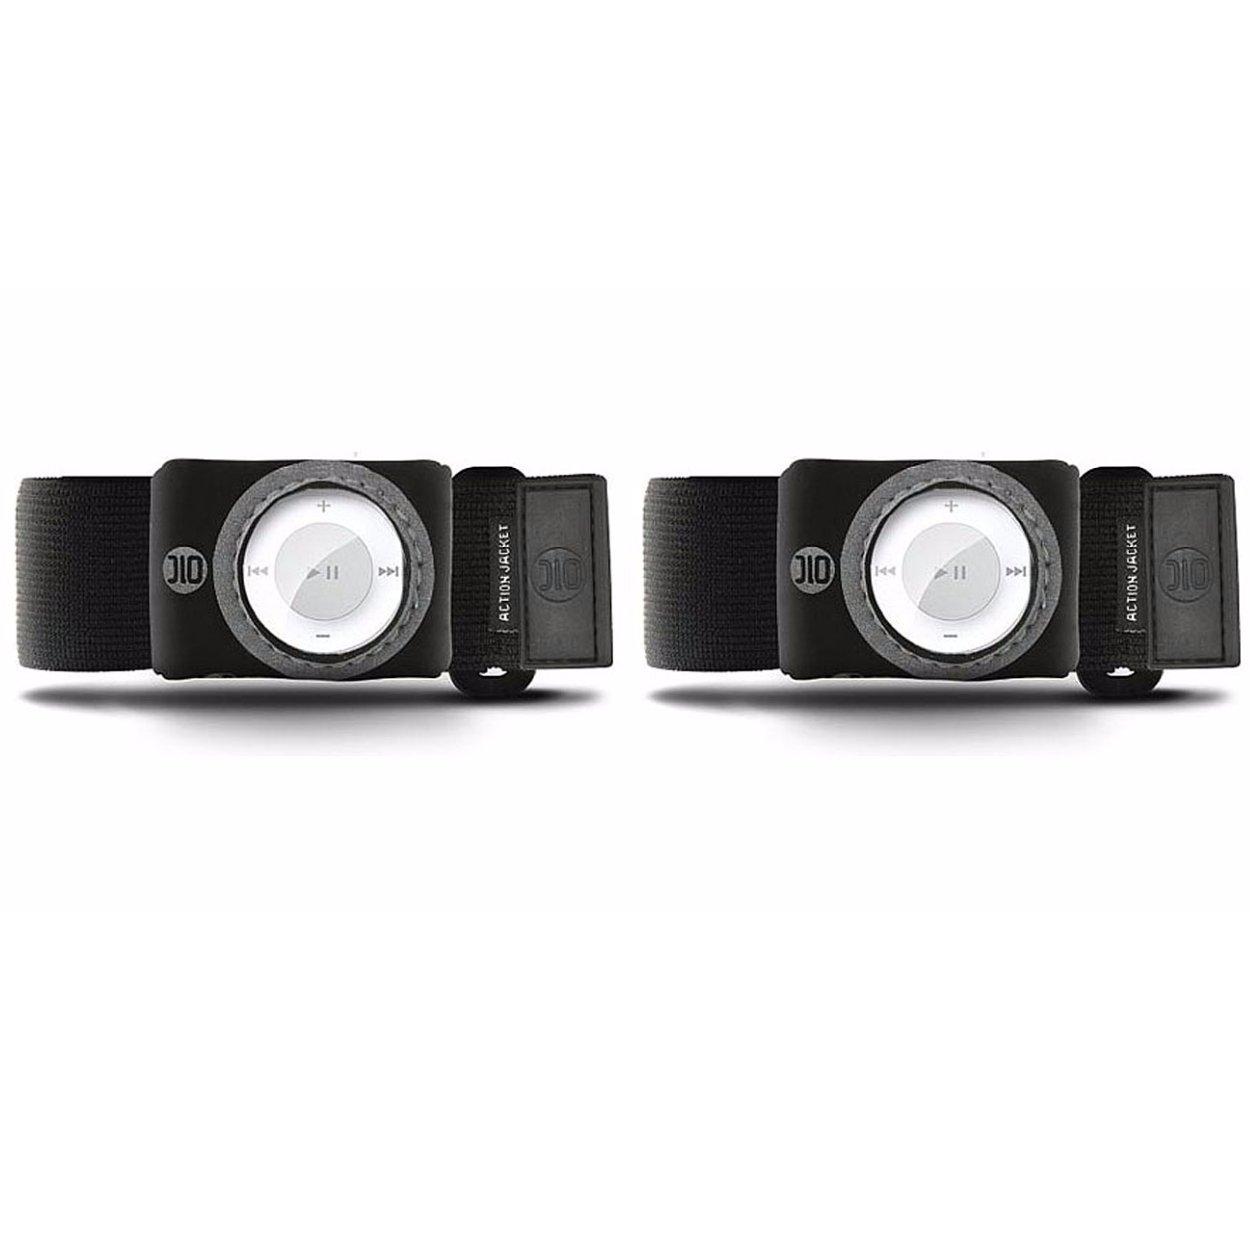 DLO 81619-17 Jacket Armband Case for iPod Shuffle 2G (Black) - Buy One, Get One Free